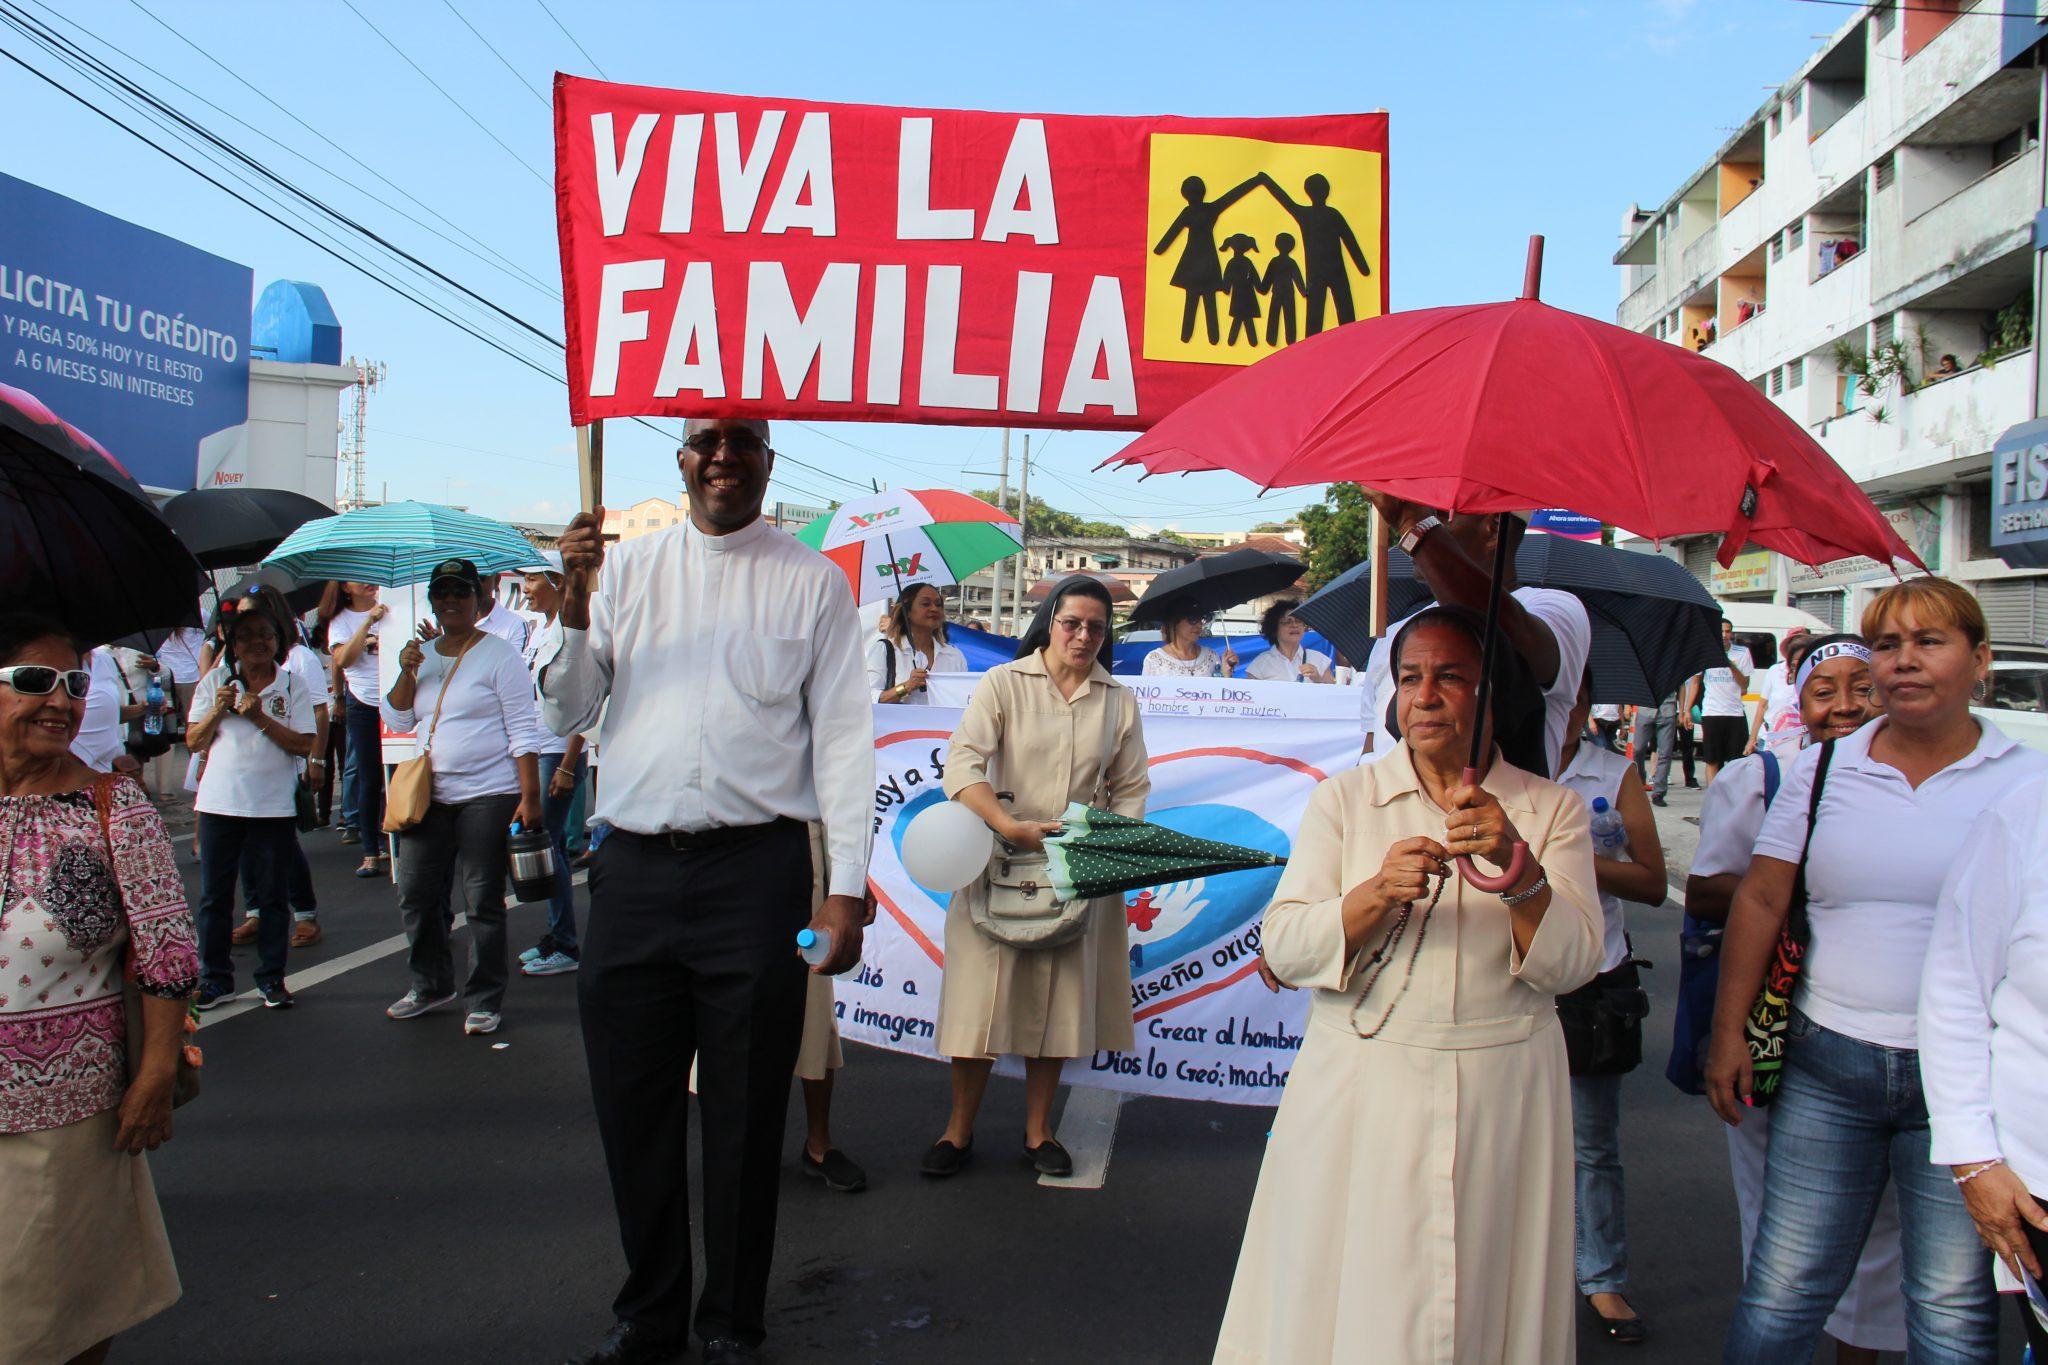 Católicos con sus párrocos manifestaron compromiso con el matrimonio y la familia